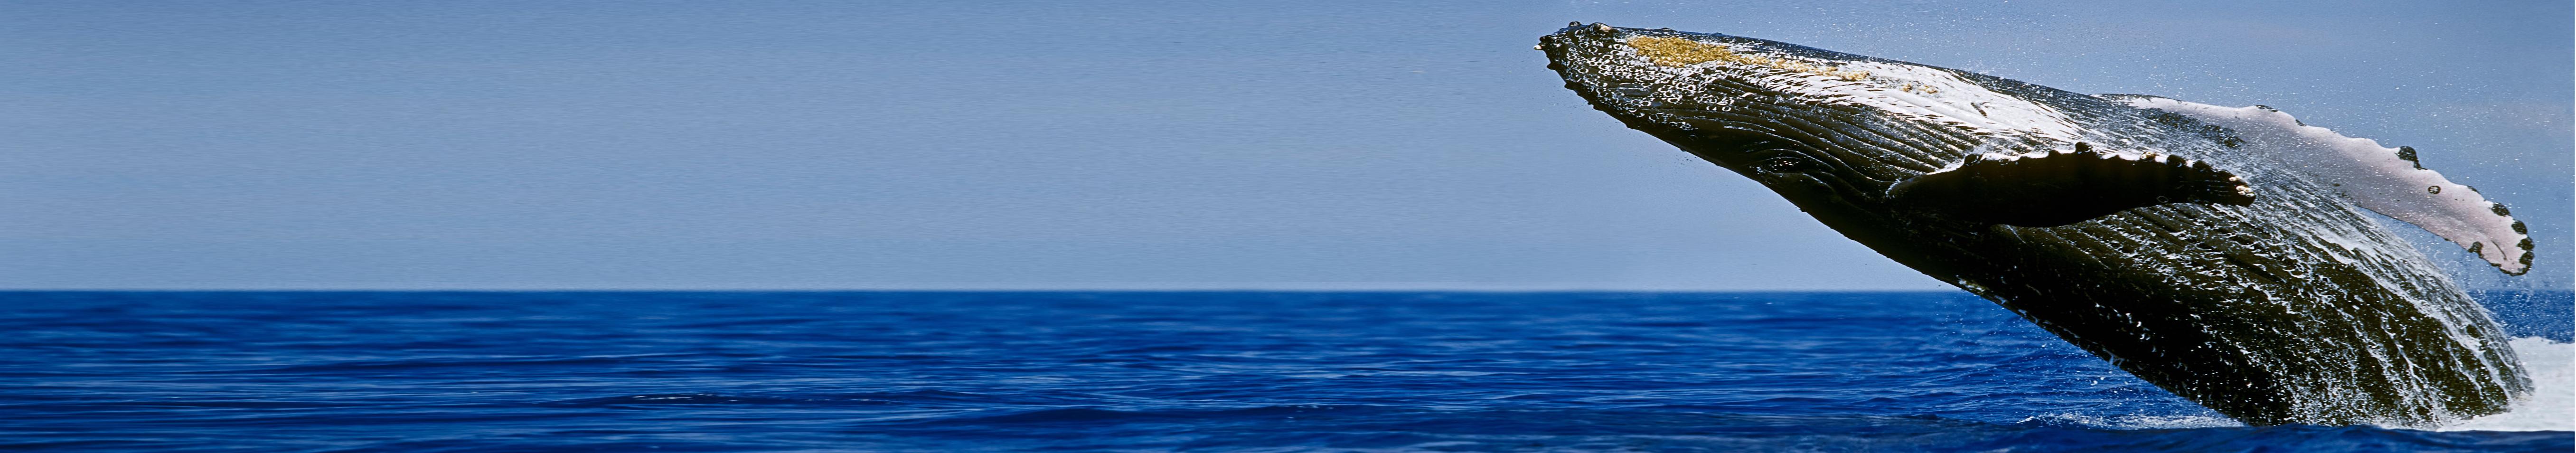 Divemaster internship - PADI Divemaster internship - Divemaster internship Academy - Tenerife Whale